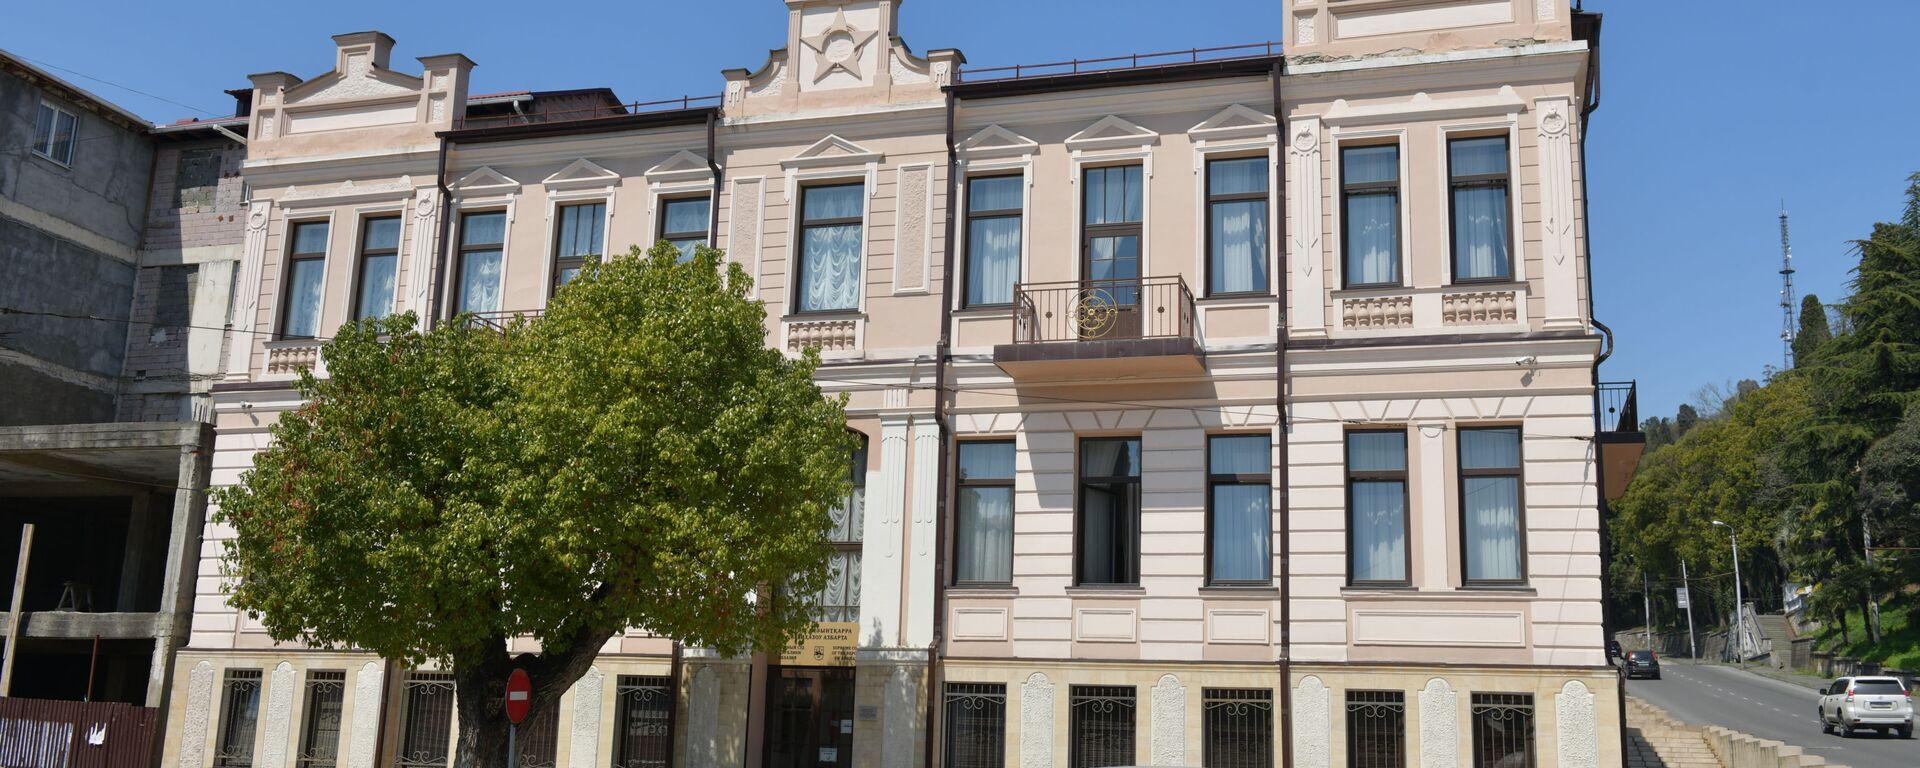 Верховный суд Абхазии  - Sputnik Аҧсны, 1920, 12.10.2021